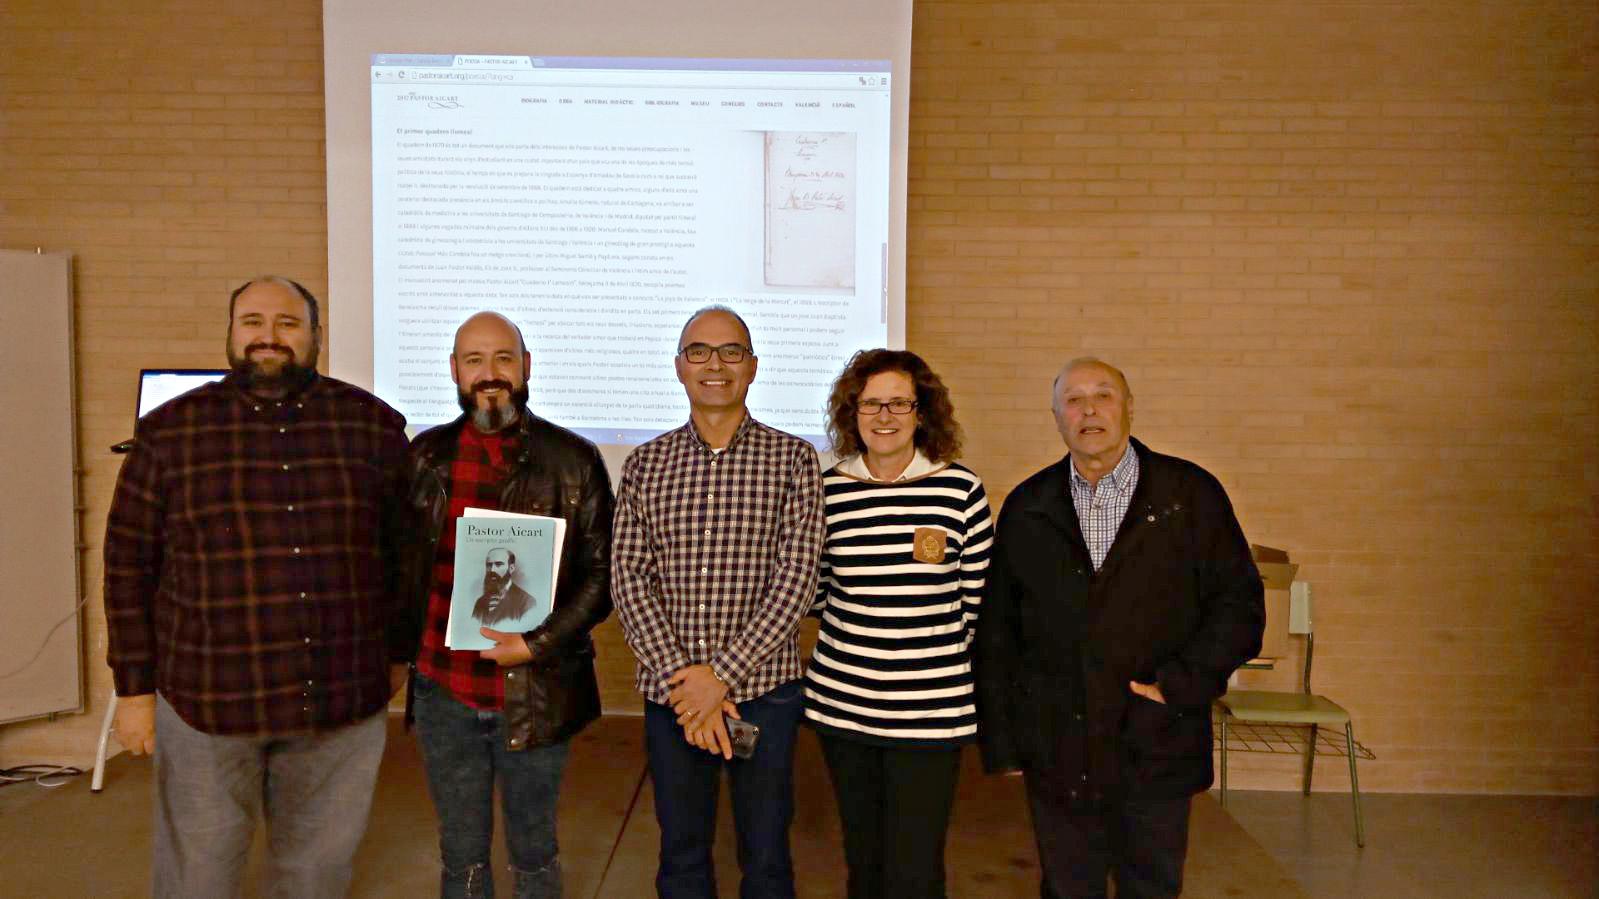 Presentació de la unitat didàctica sobre Pastor Aicart. IES Biar, 23 de novembre de 2017.